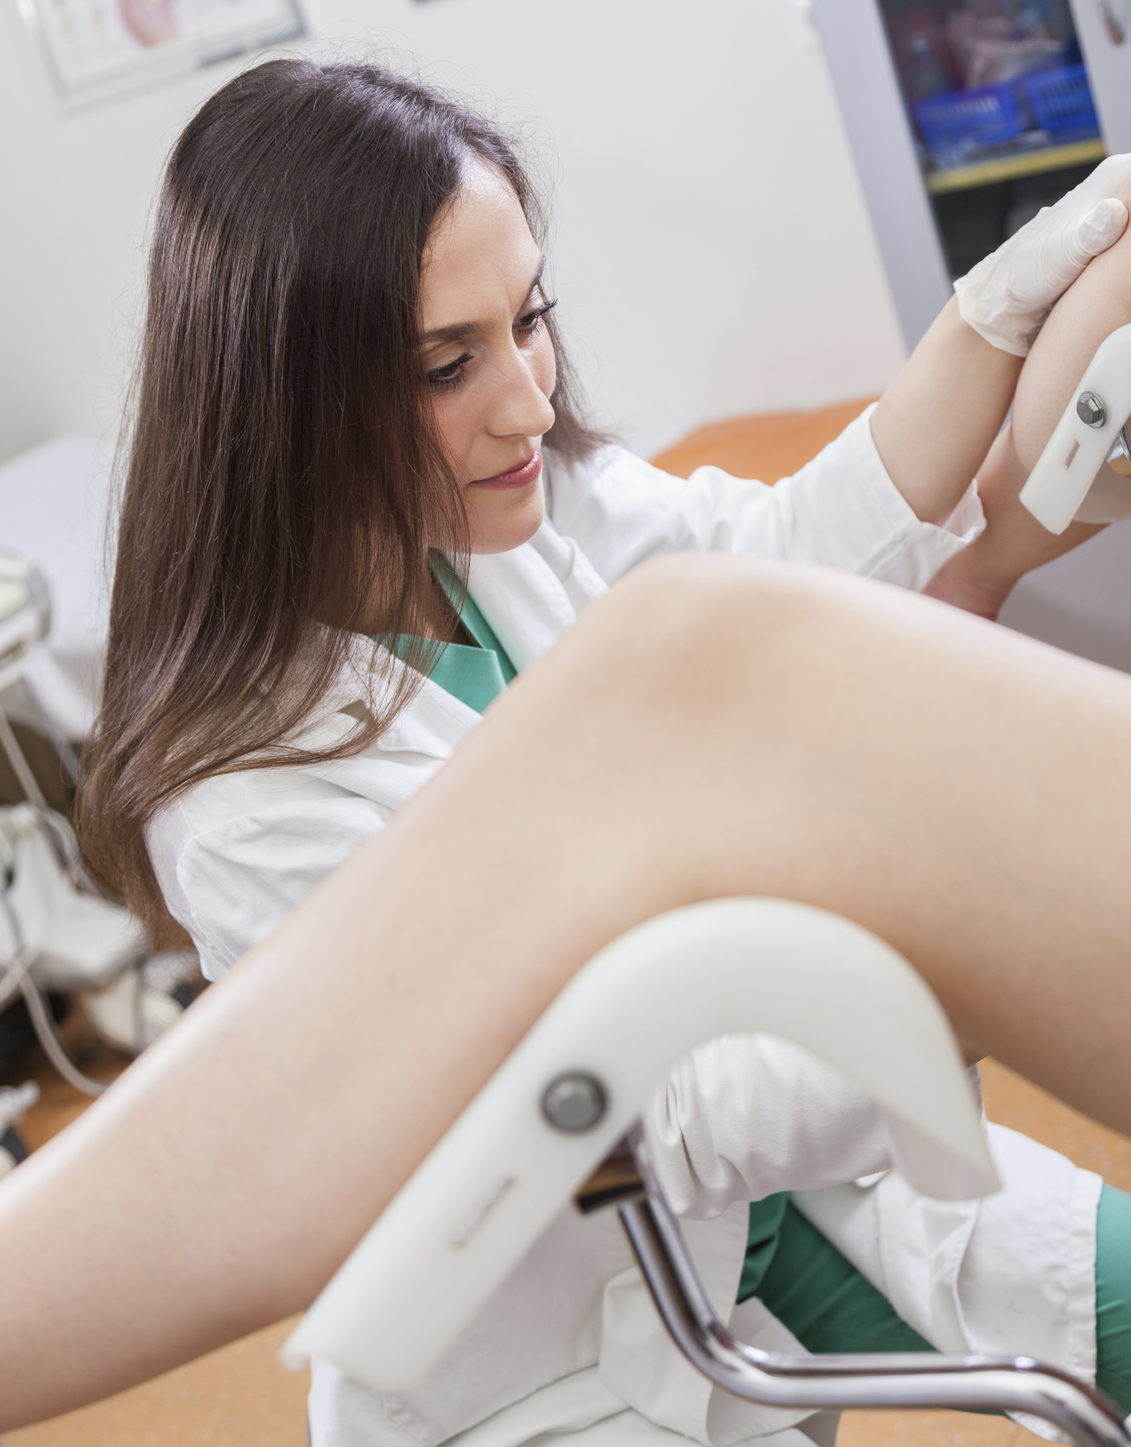 Una dottoressa si prepara all'esecuzione di una isteroscopia